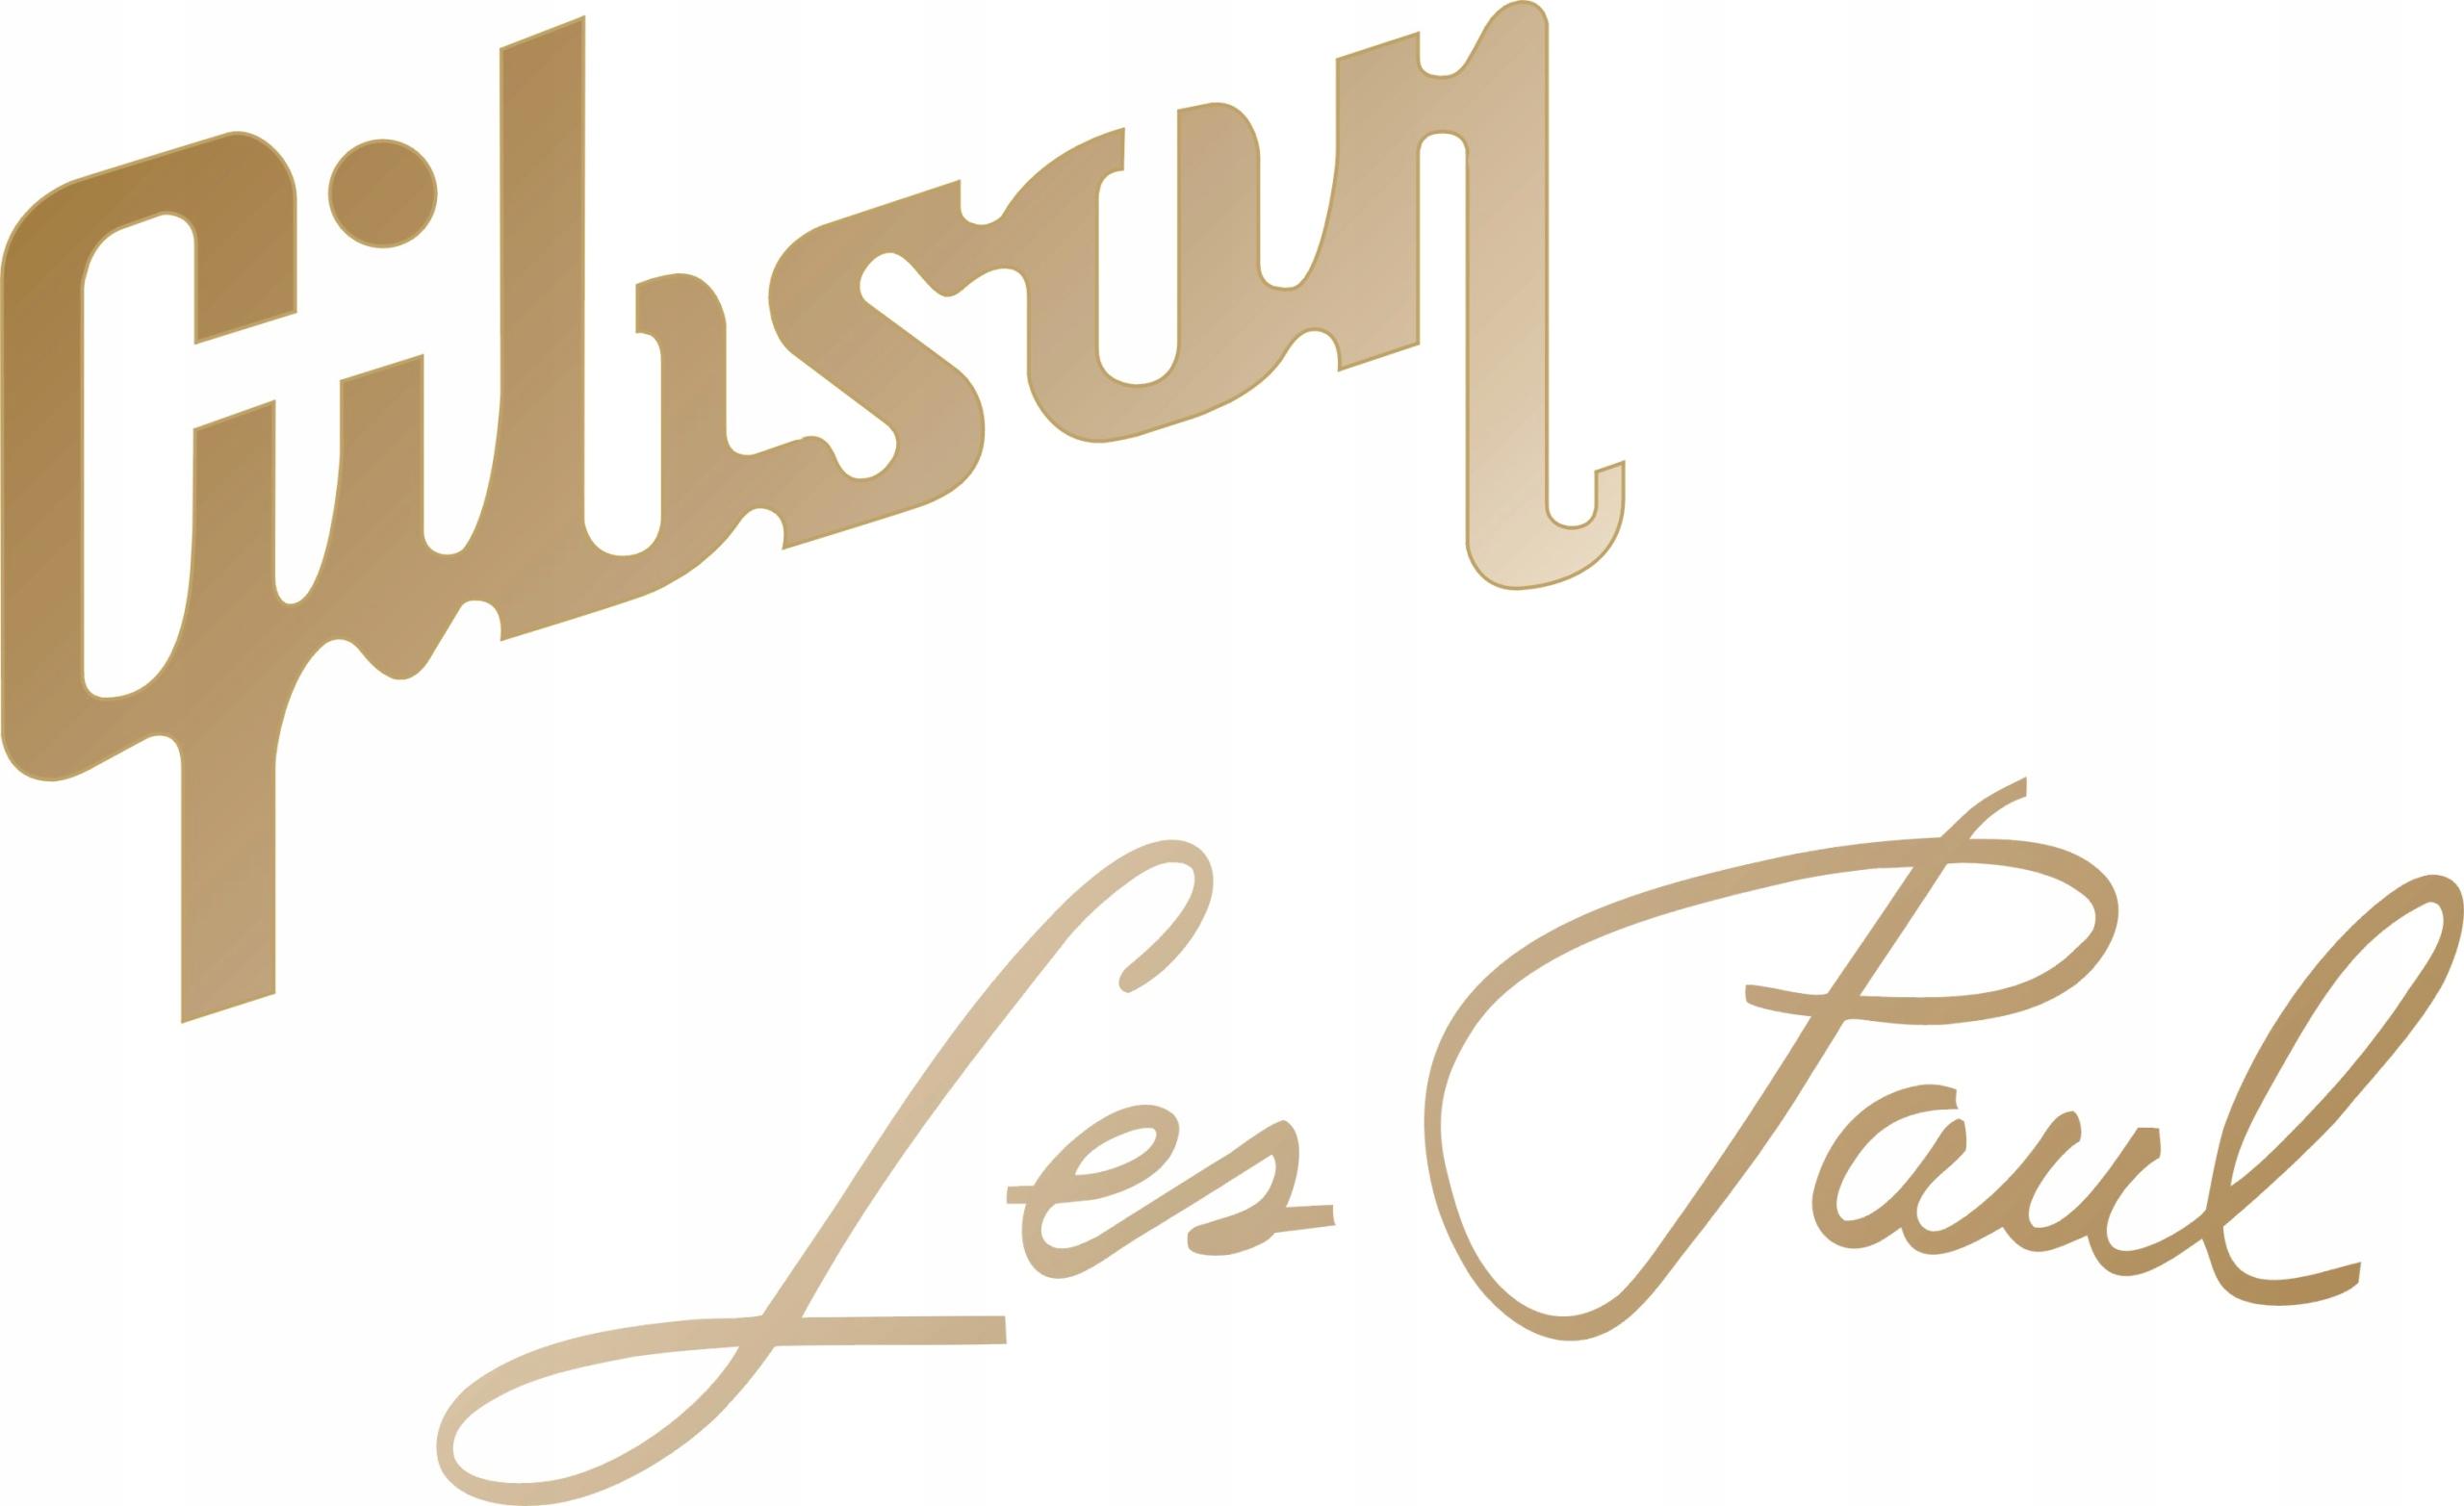 Gibson Les Paul Sticker Guitar rôzne farby